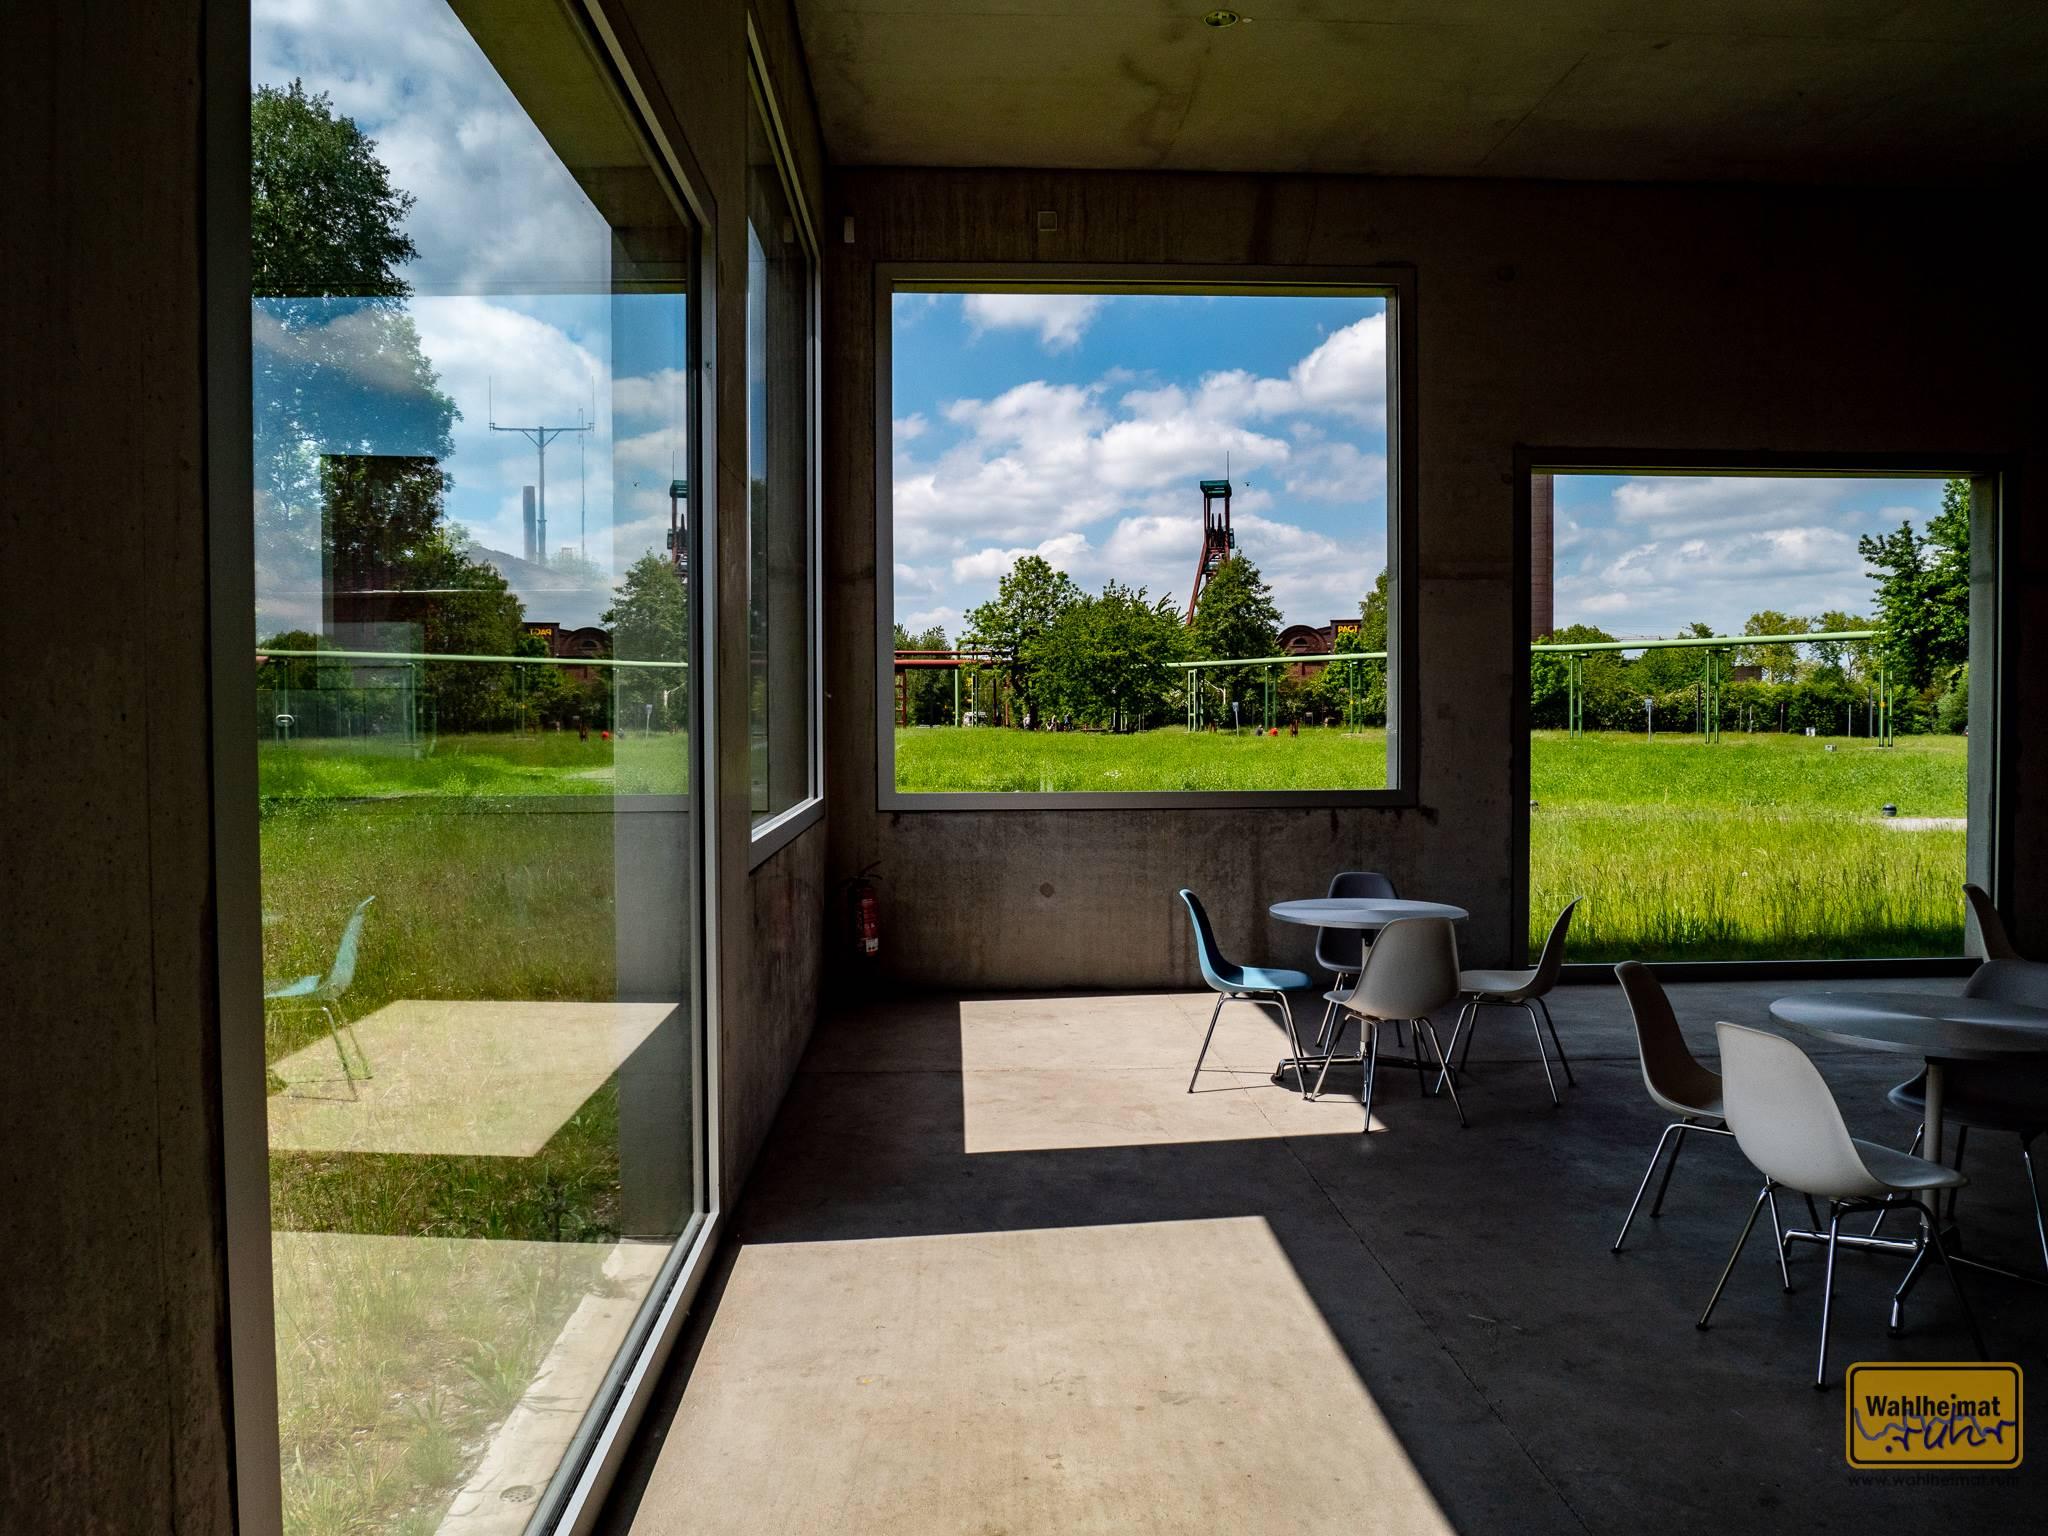 Interessantes Detail: Dank geothermischer Heizung bzw. Kühlung in den Wänden sind diese nur 30cm dick. Form follows function - eines der Basisprinzipien vom Bauhaus.